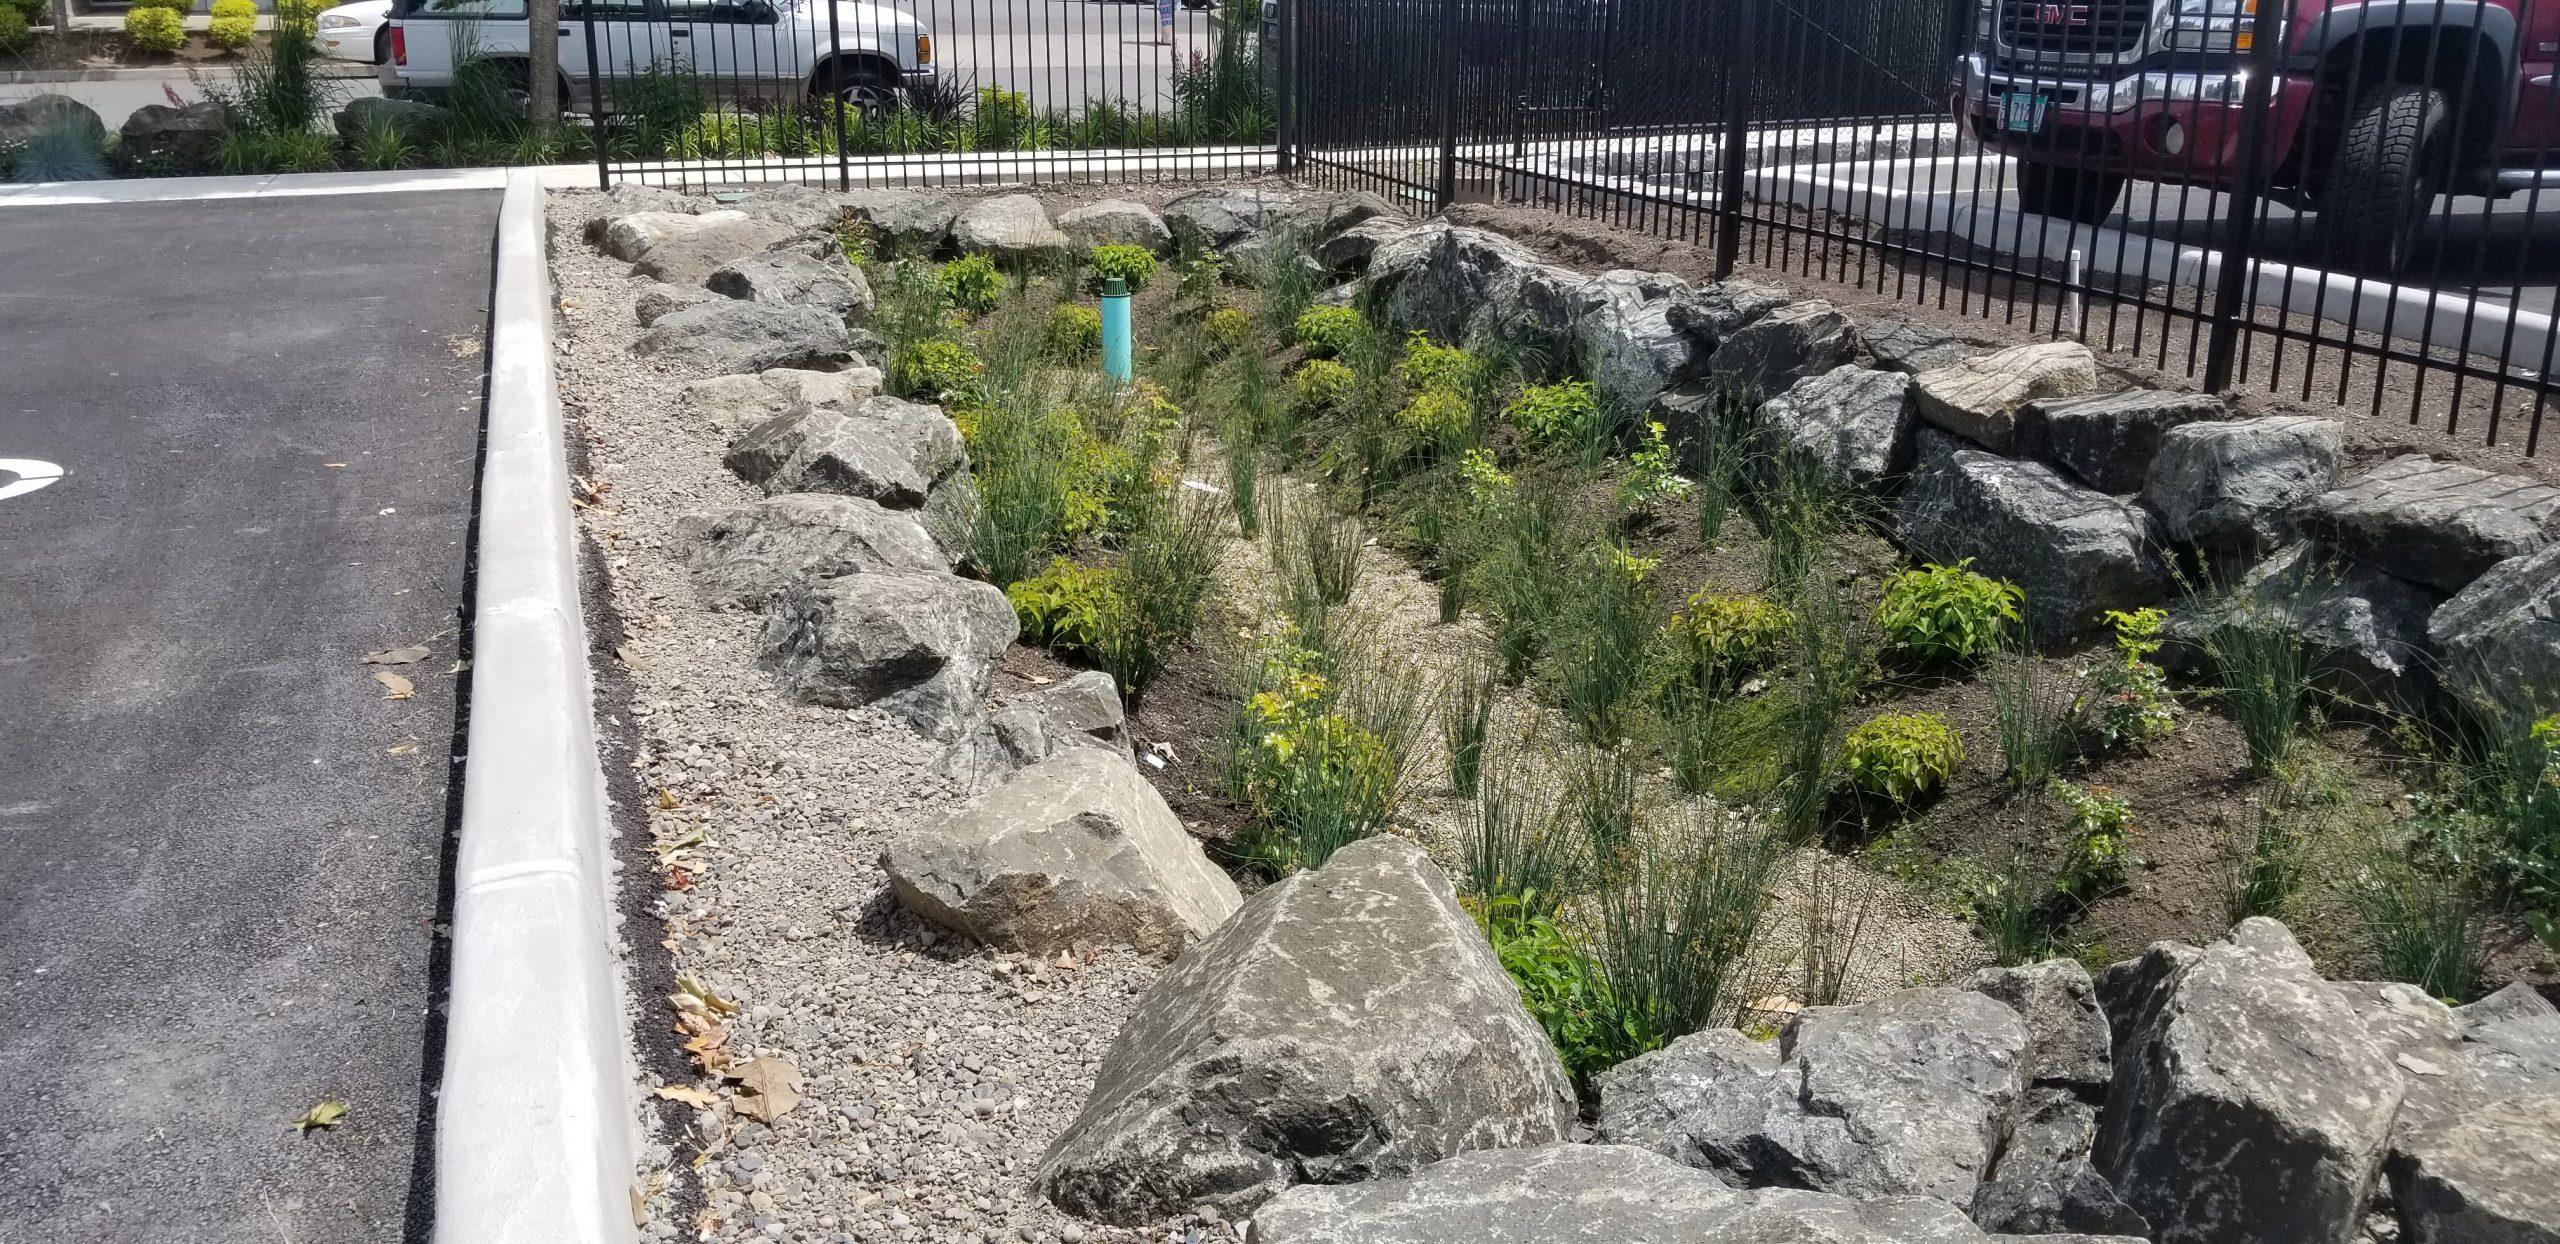 Hot Springs Landscape planting